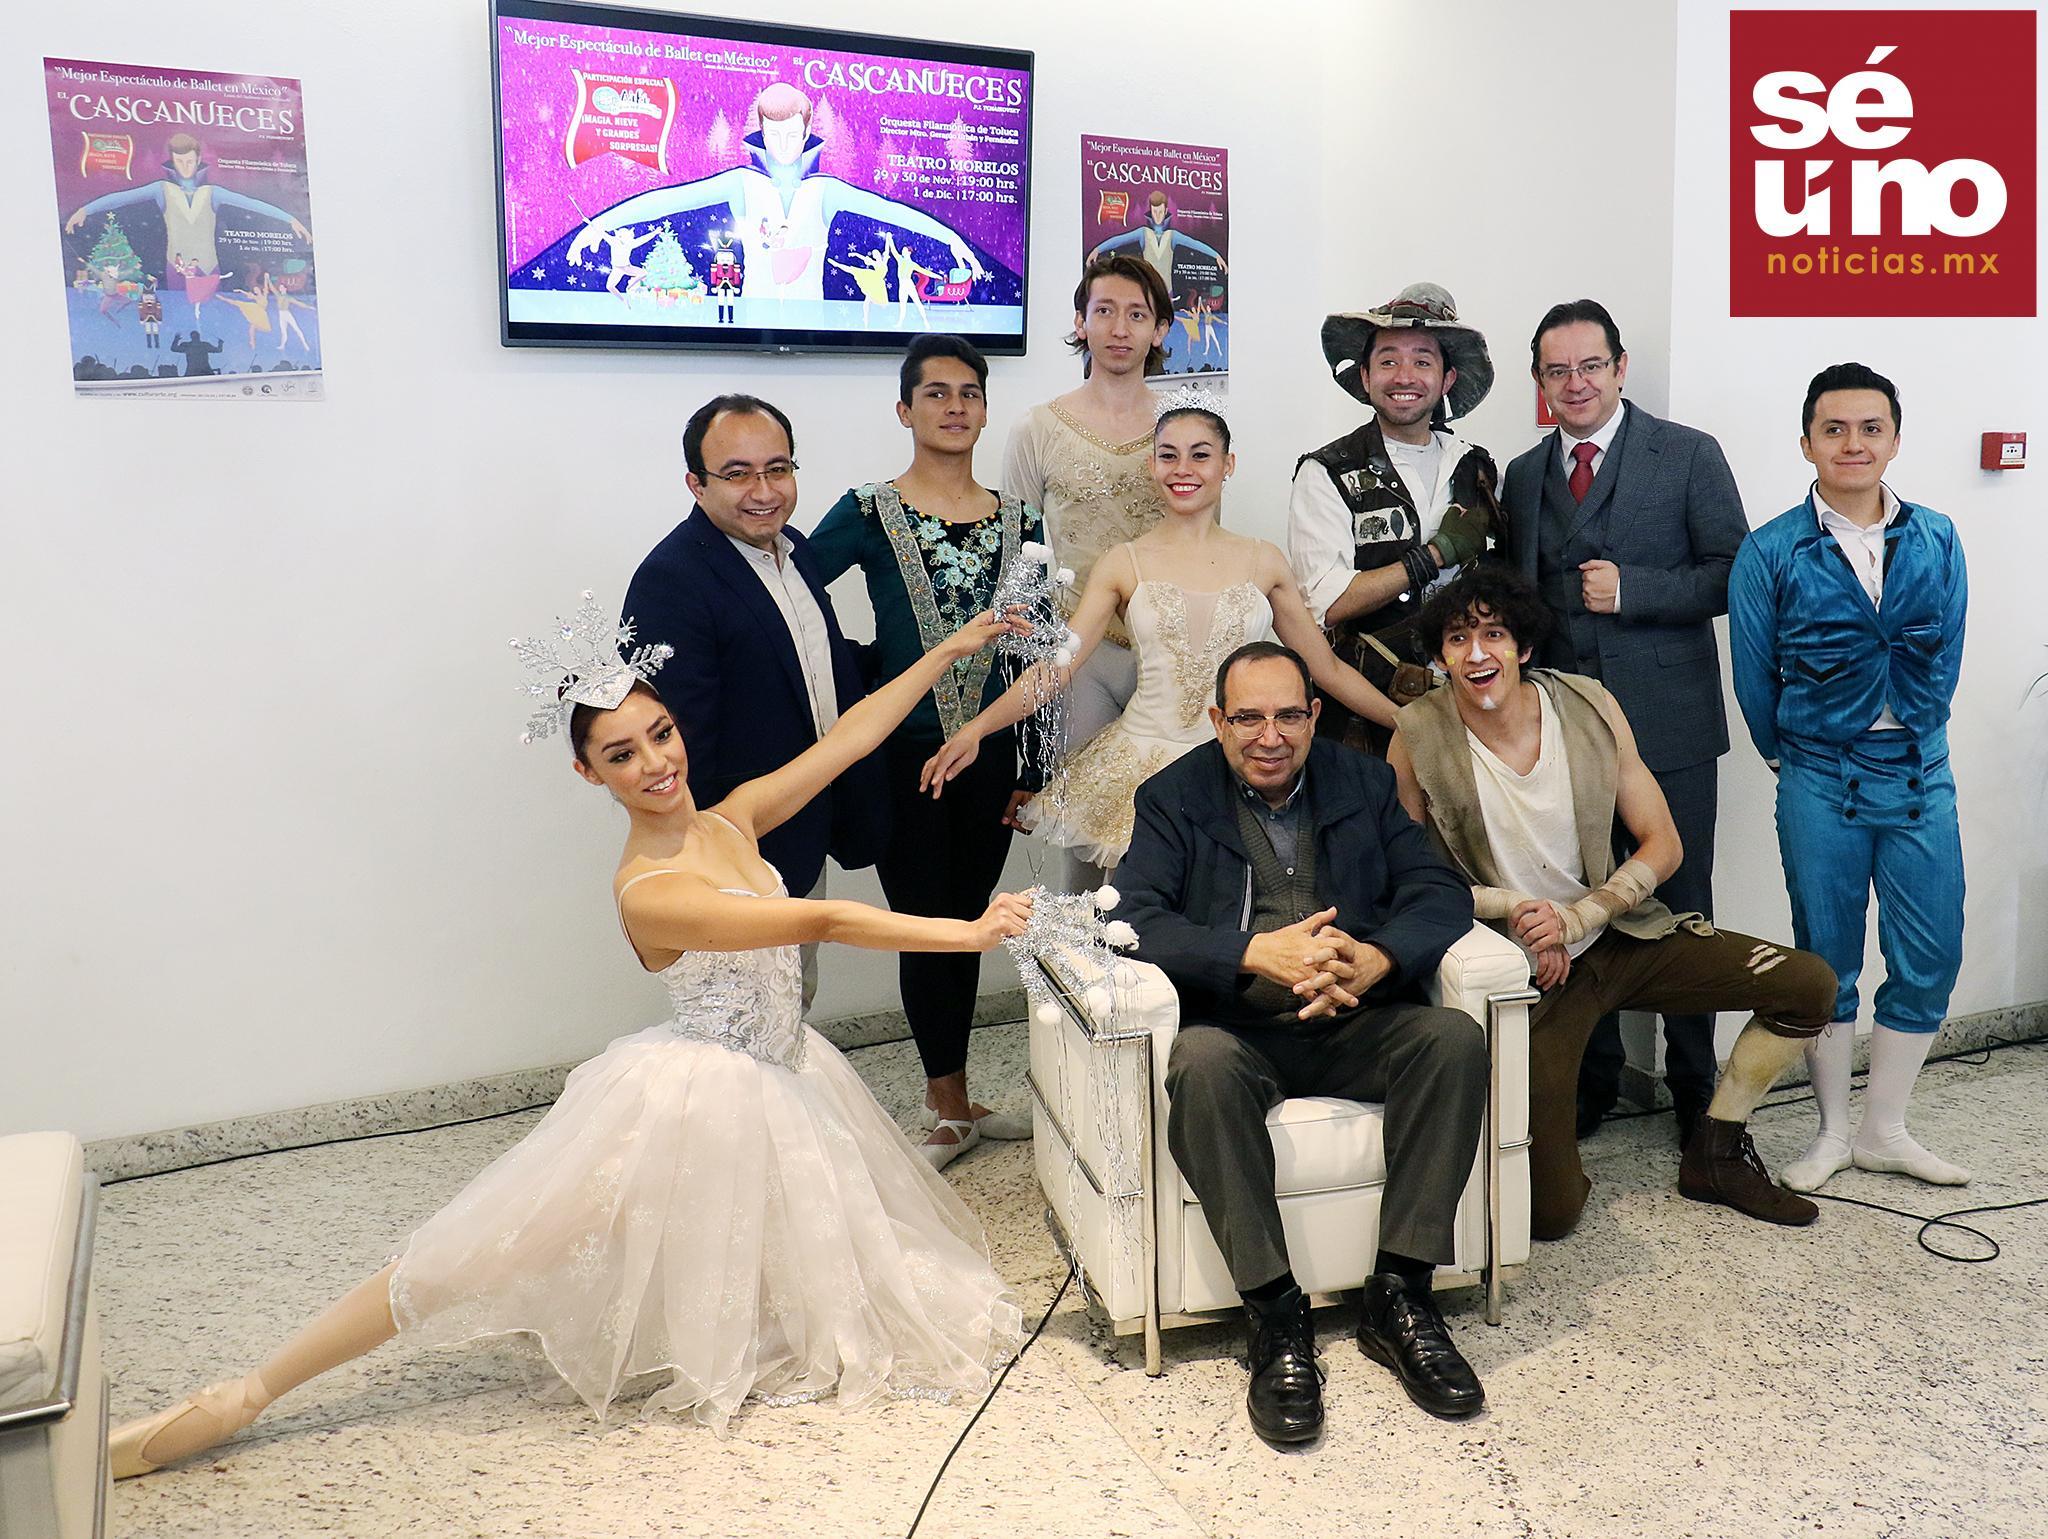 Habrá tres fechas de El Cascanueces en el Teatro Morelos